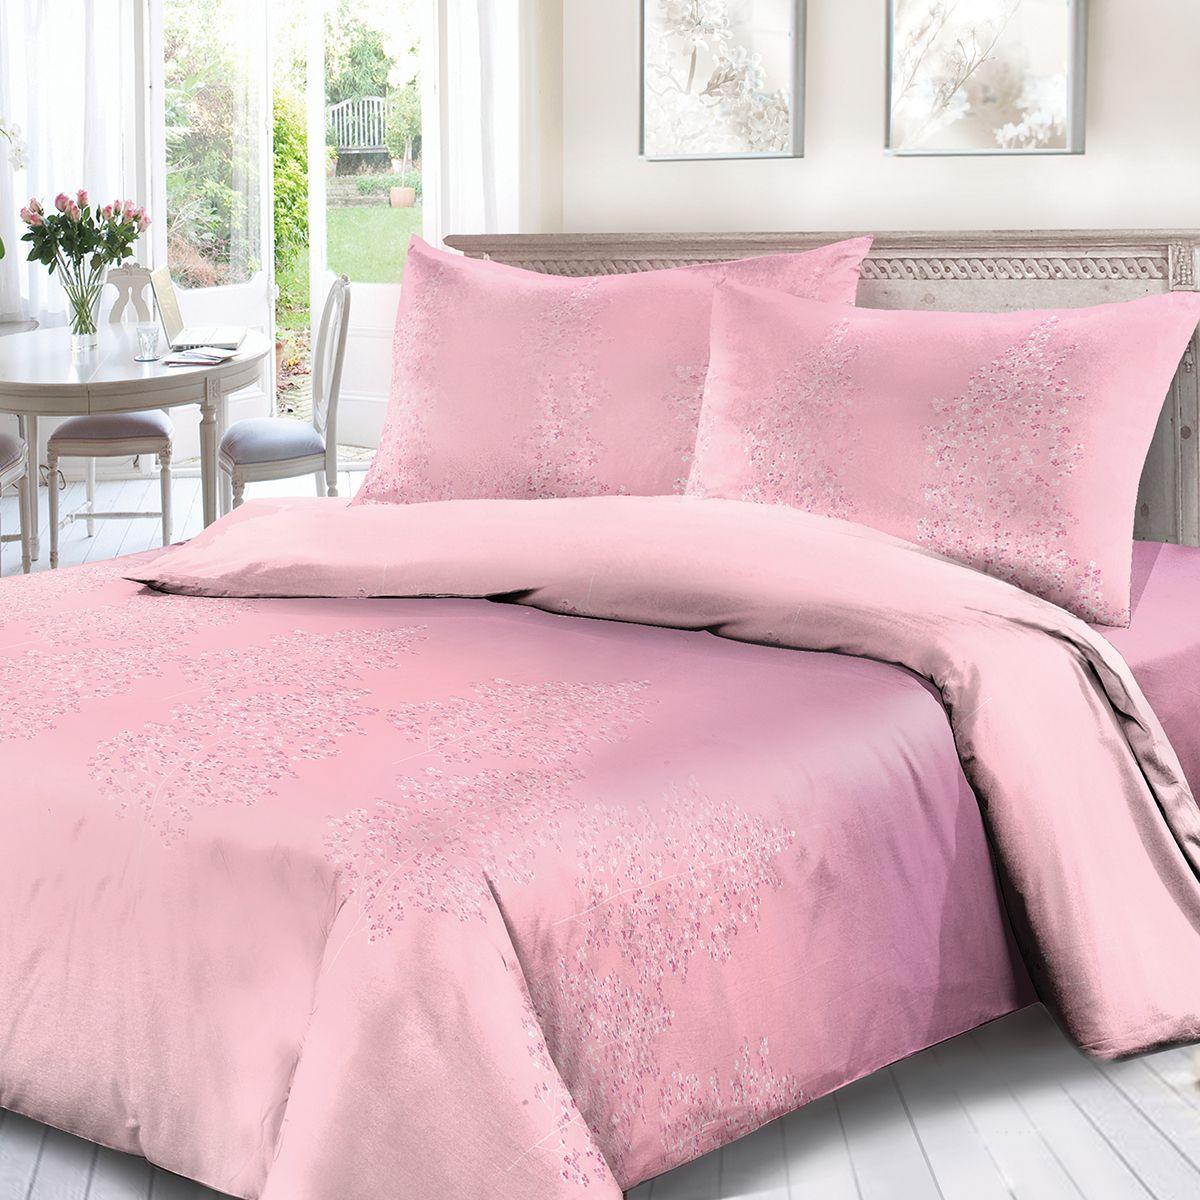 Комплект белья Сорренто Аврора, семейный, наволочки 70x70, цвет: розовый. 1500-189081